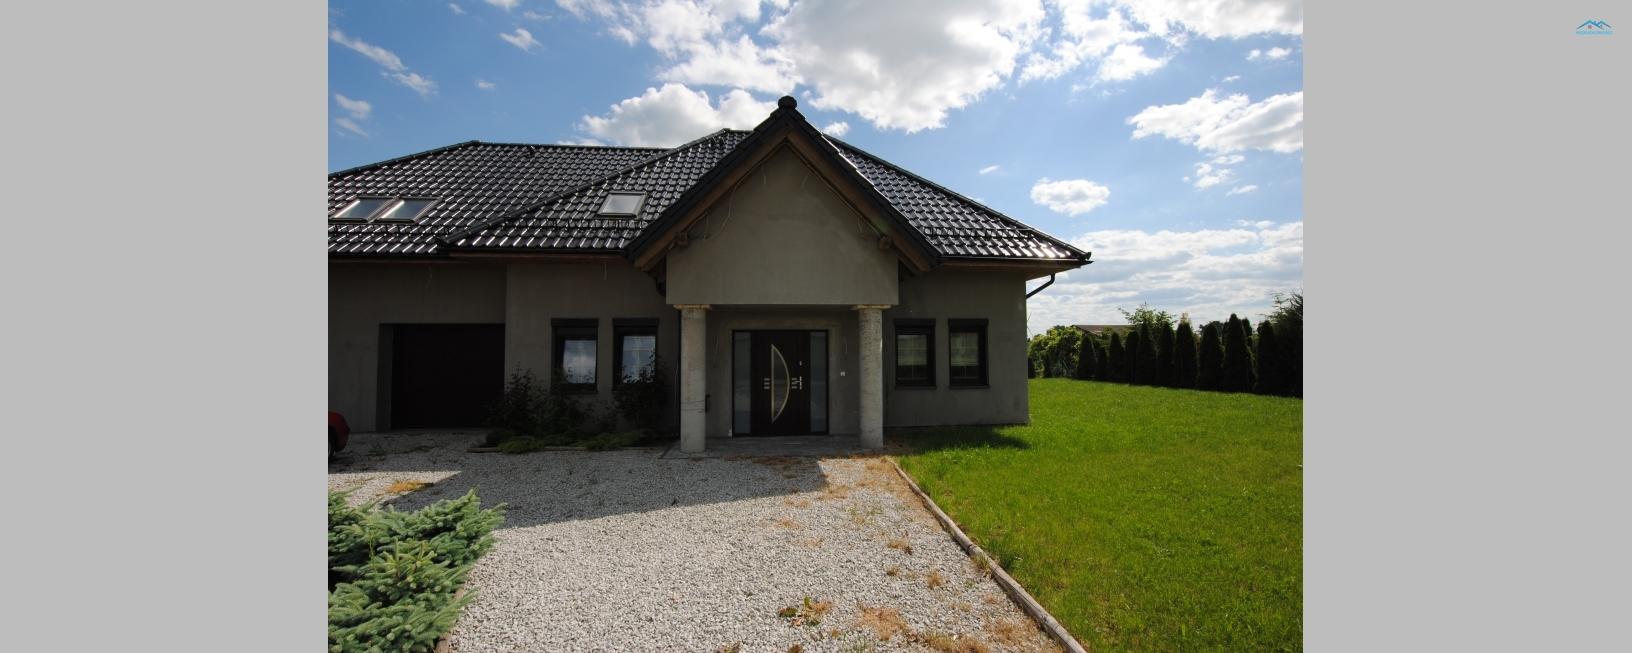 Piękny nowoczesny dom niedaleko miejscowości Pelplin